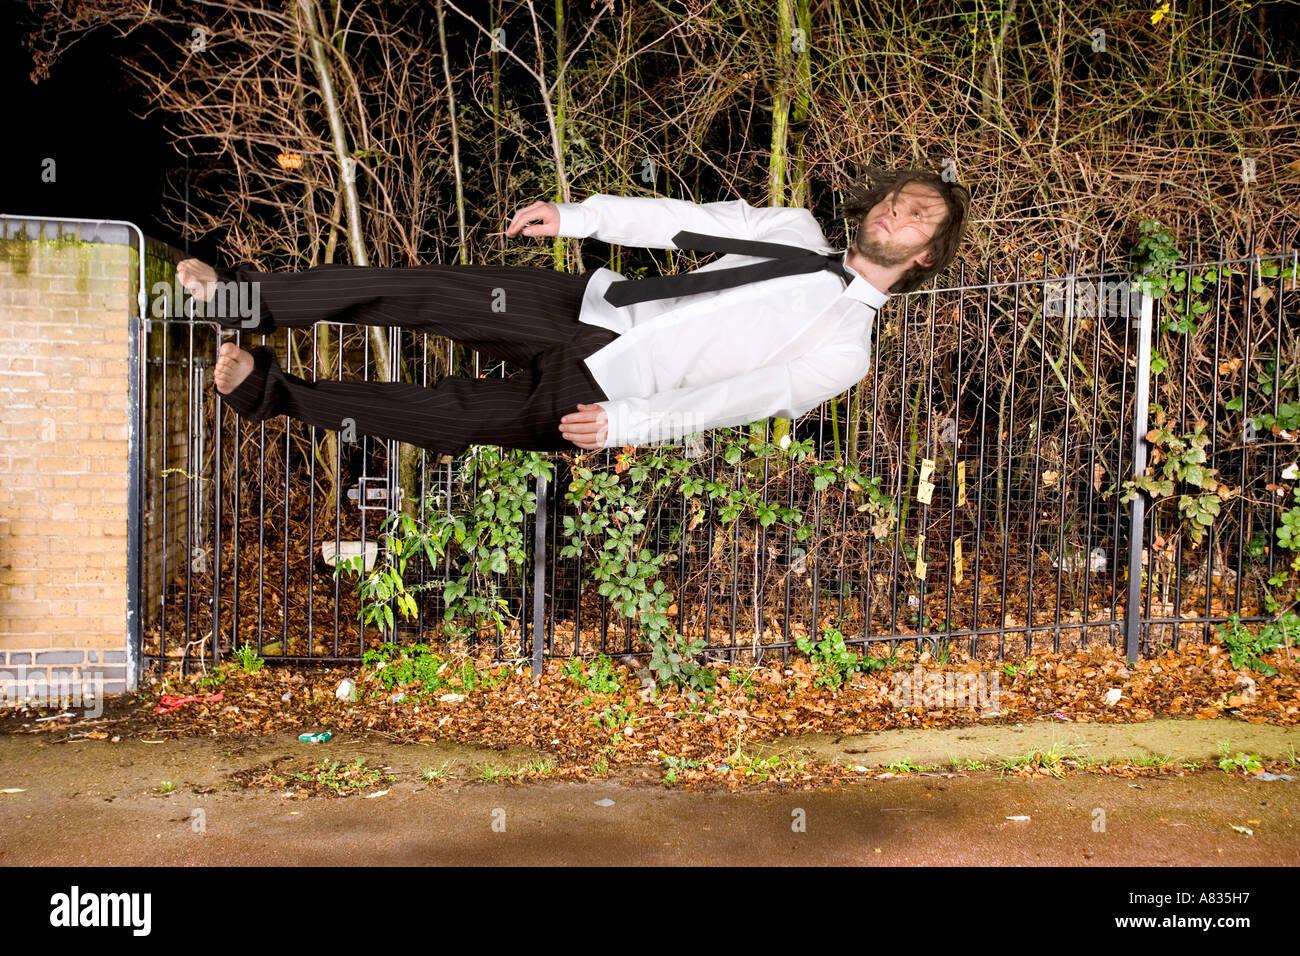 In der Luft Mann in Abendkleidung horizontal in einer verlassenen Gegend in der Nacht fallen. Stockfoto